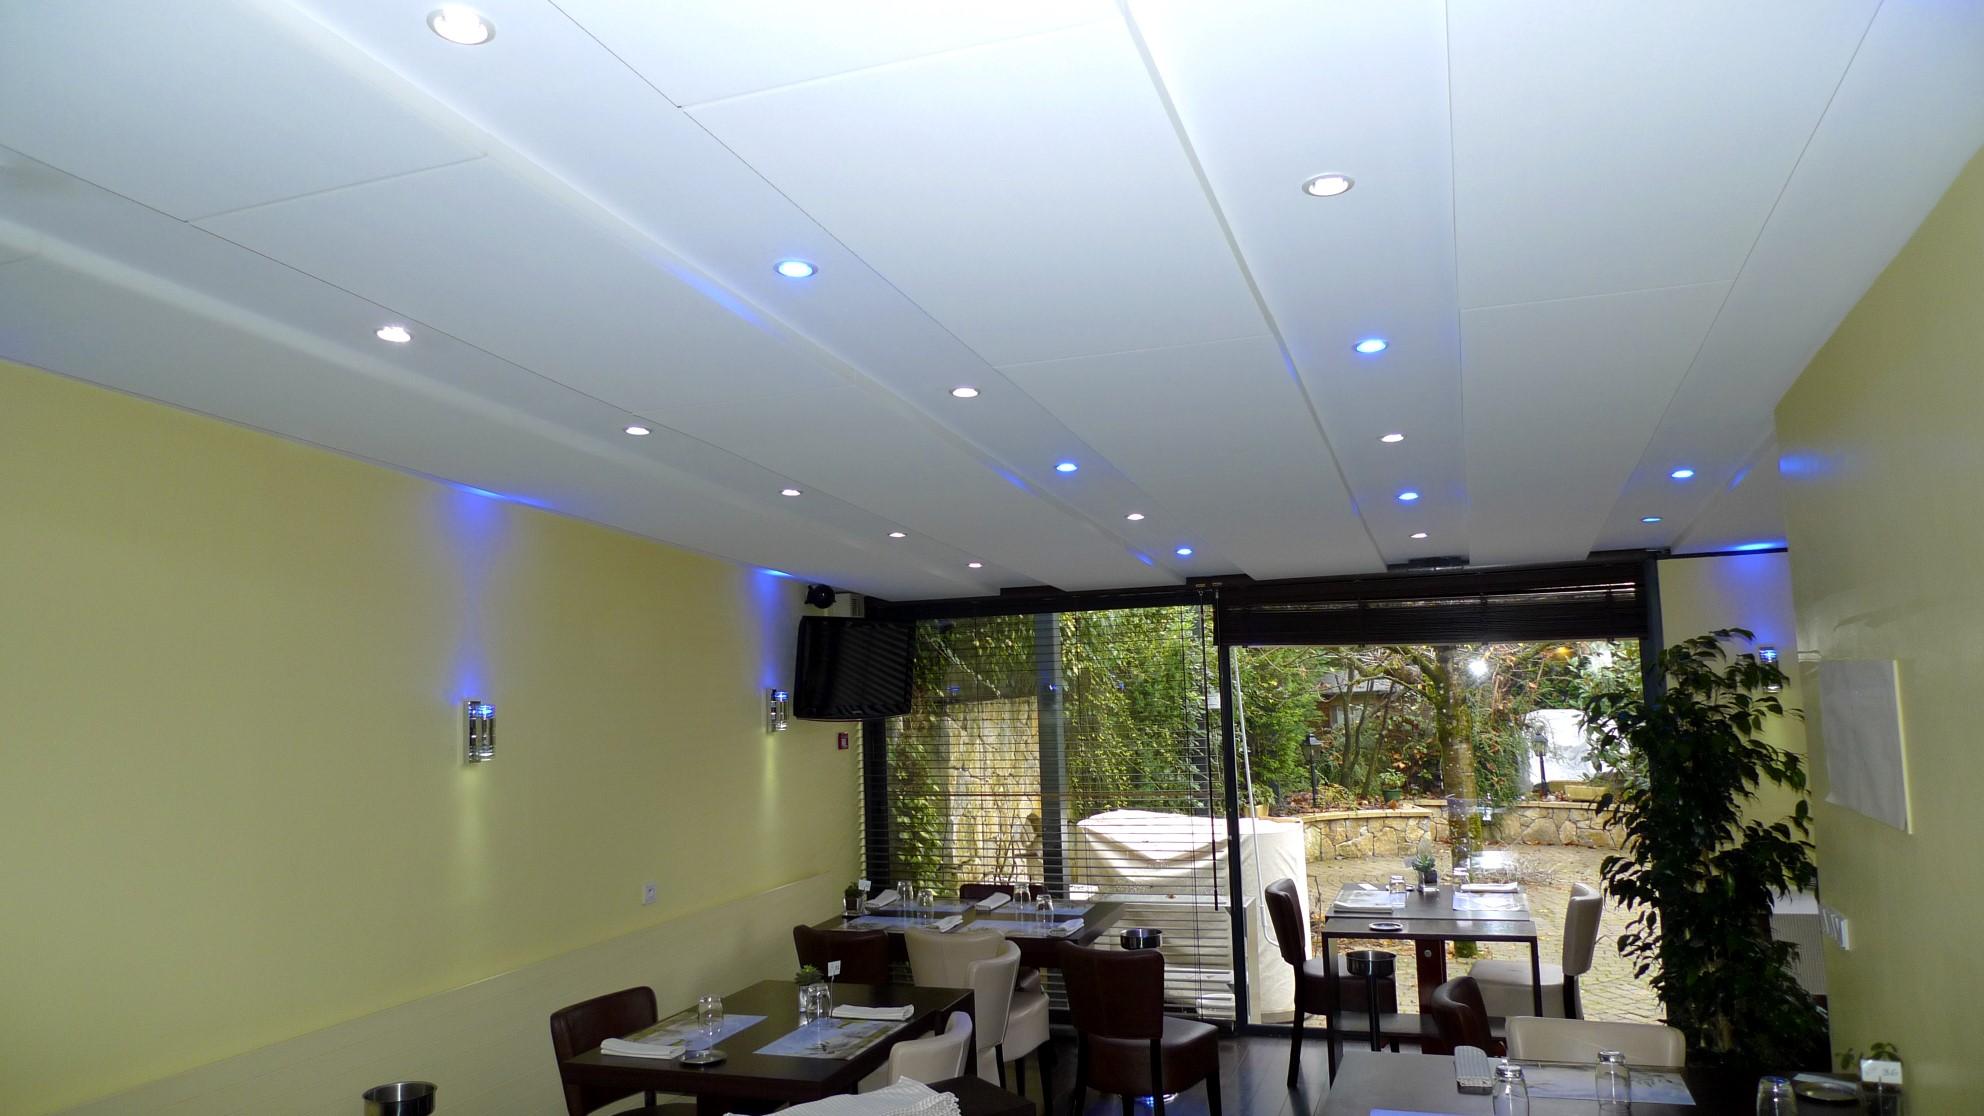 Panneaux acoustiques - Panneaux Ambiance classic posé au plafond par collage